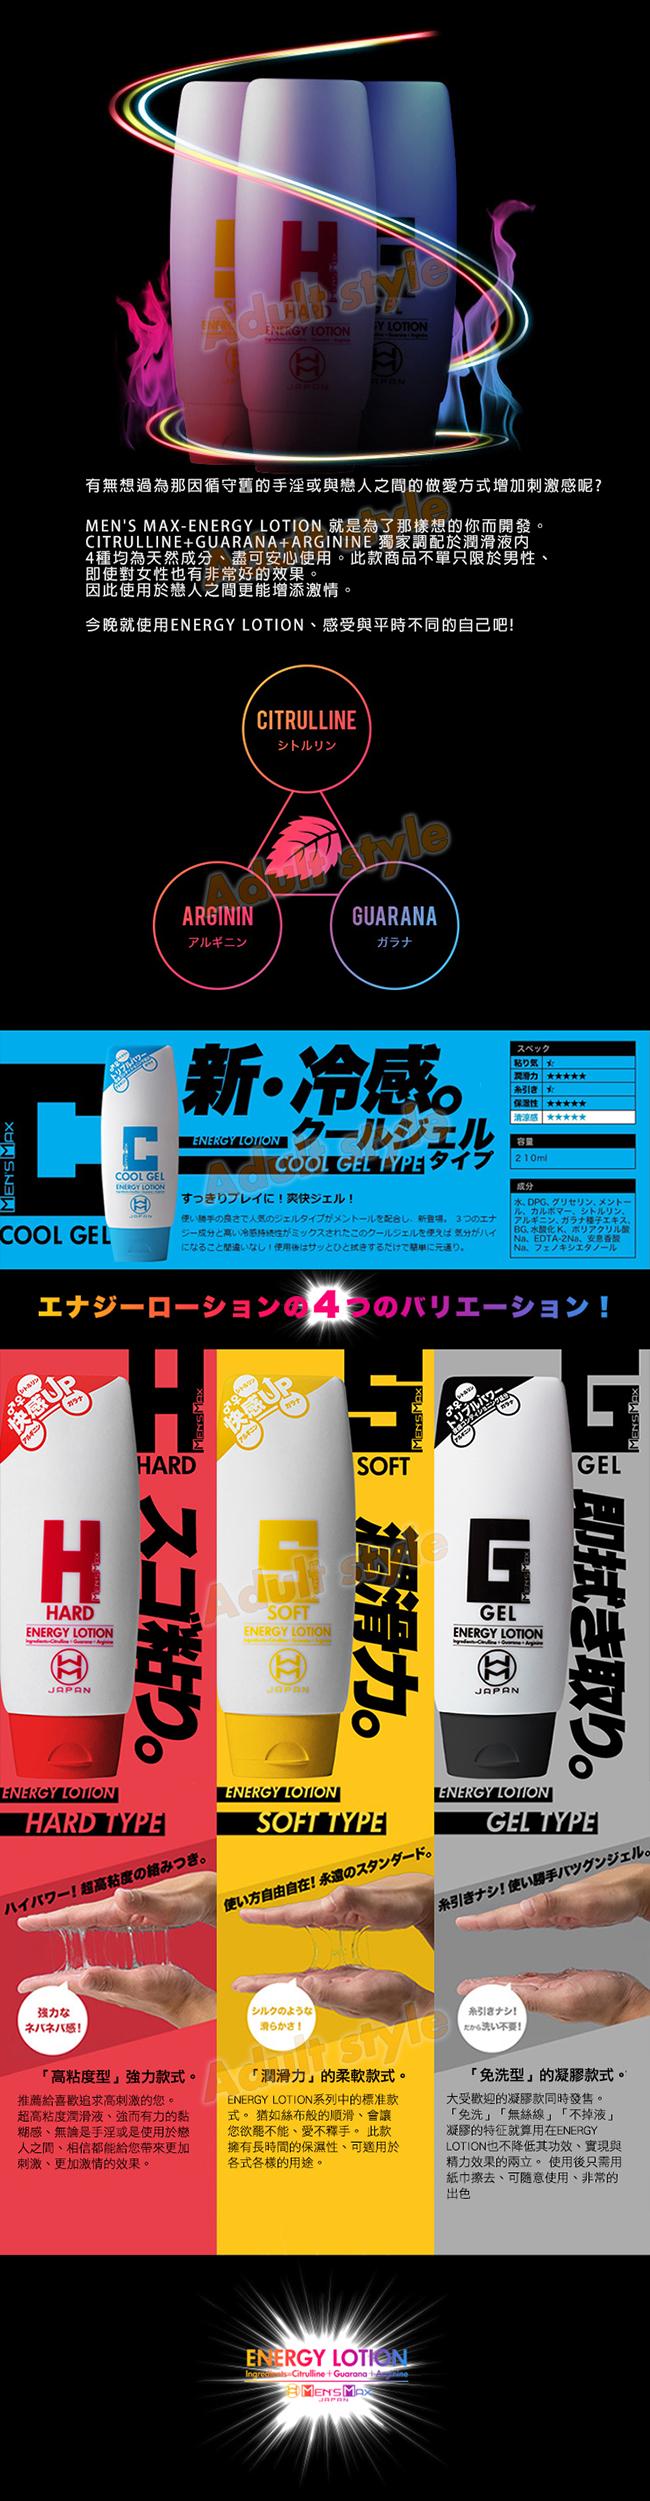 潤滑液-日本MENS MAX-ENERGY LOTION潤滑液(高黏度)